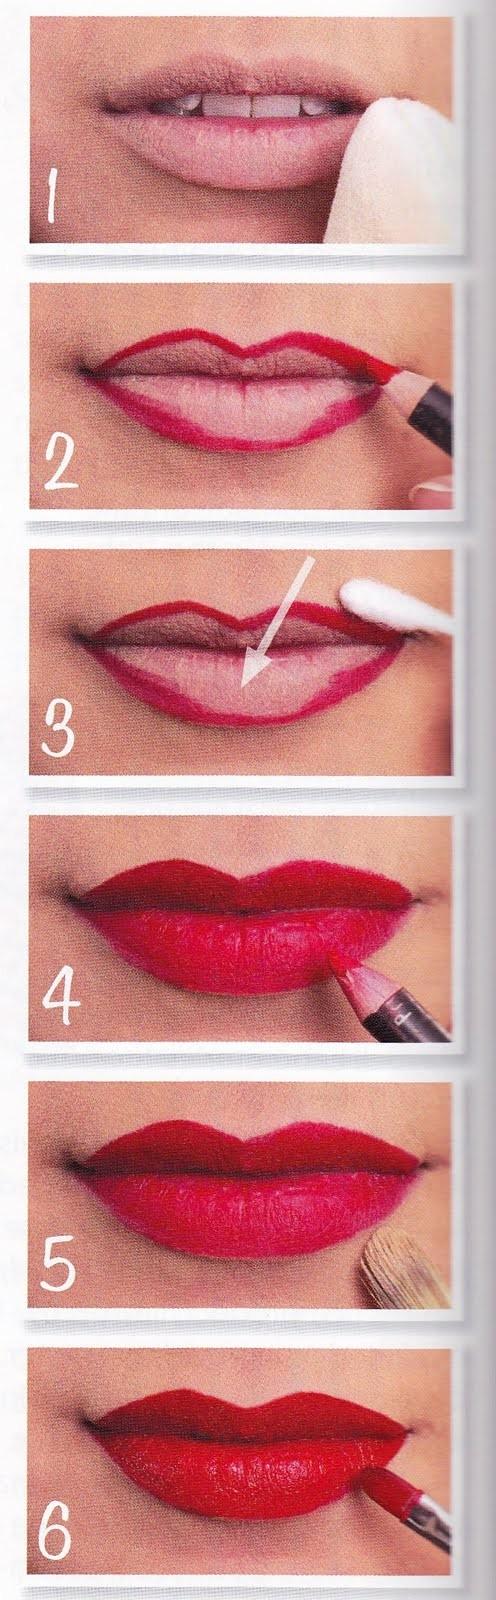 Как сделать губы красными без помады